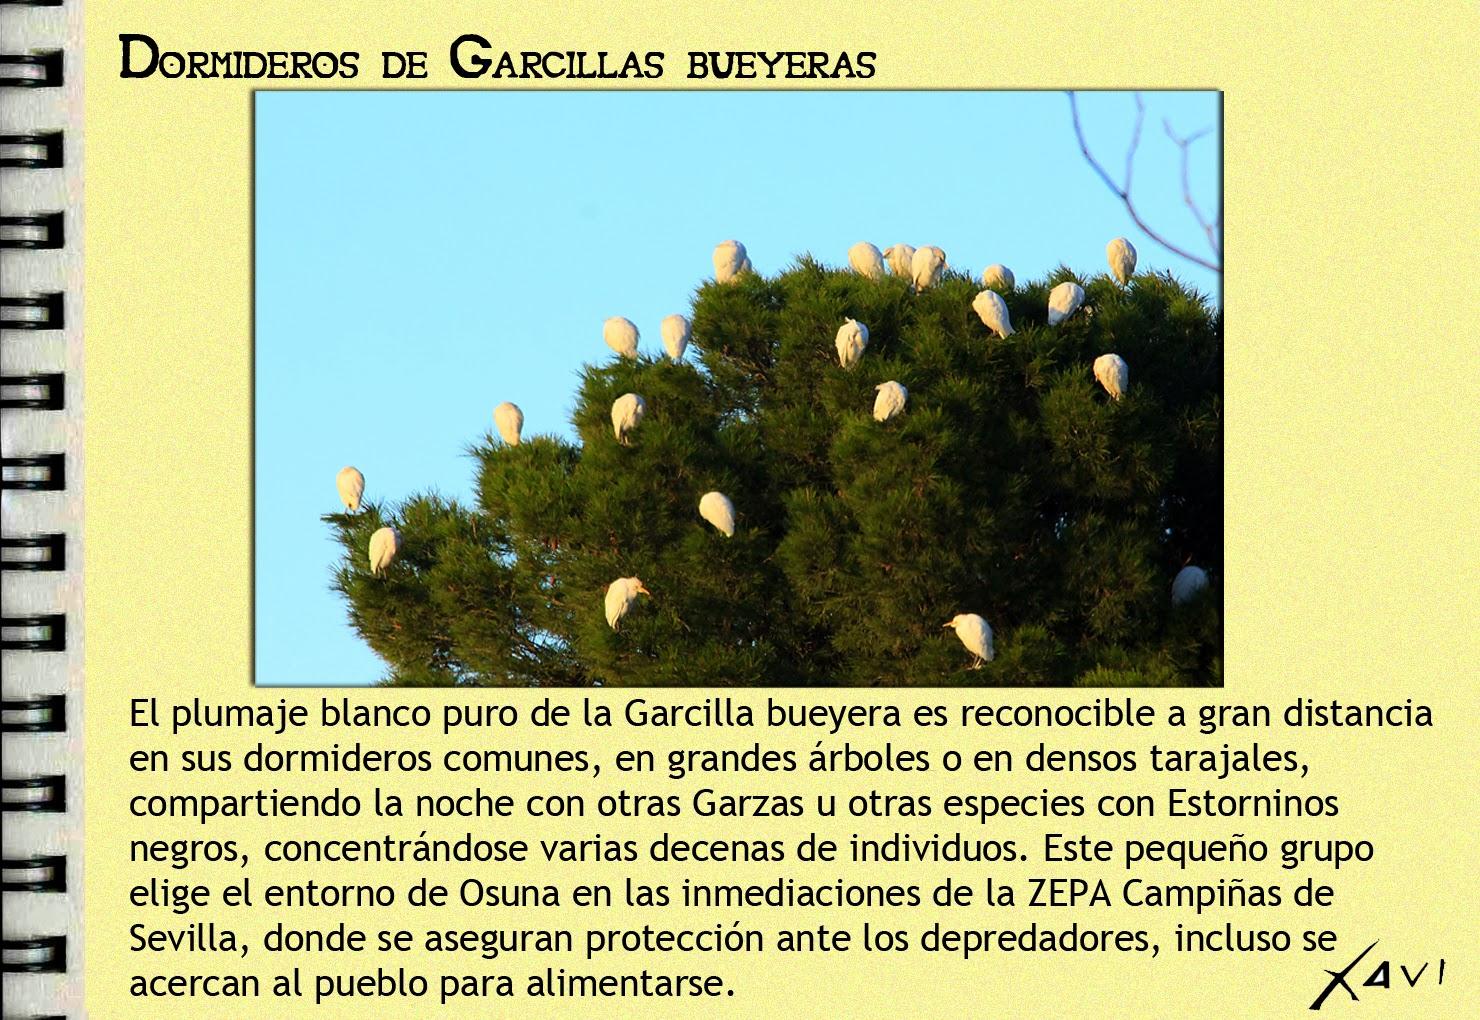 ZEPA Campiñas de Sevilla